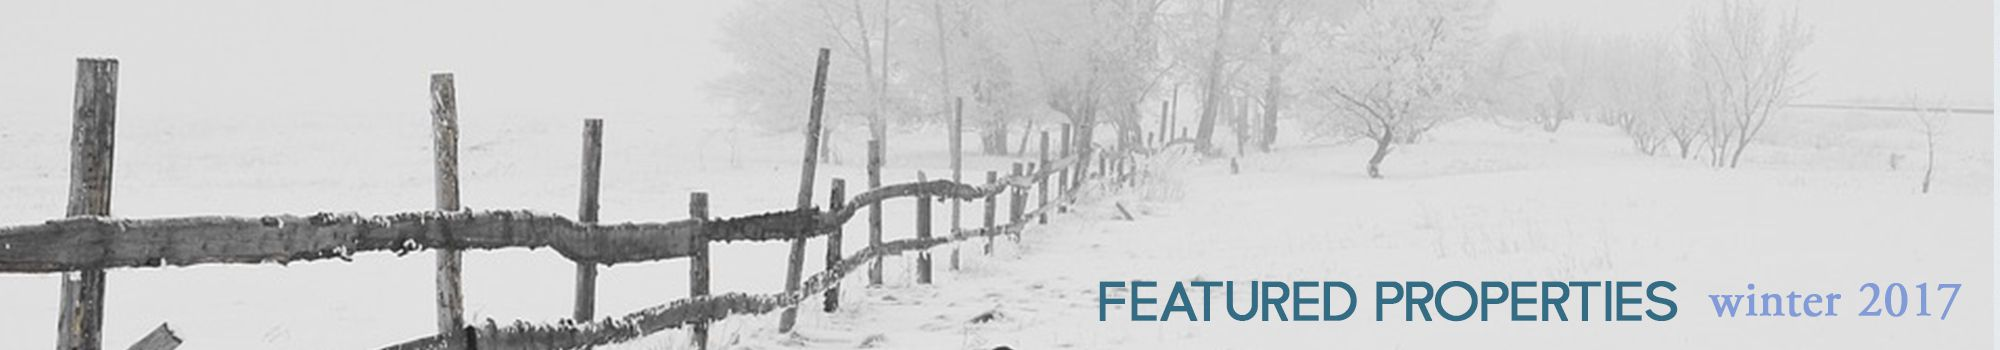 Featured Properties Winter 2017